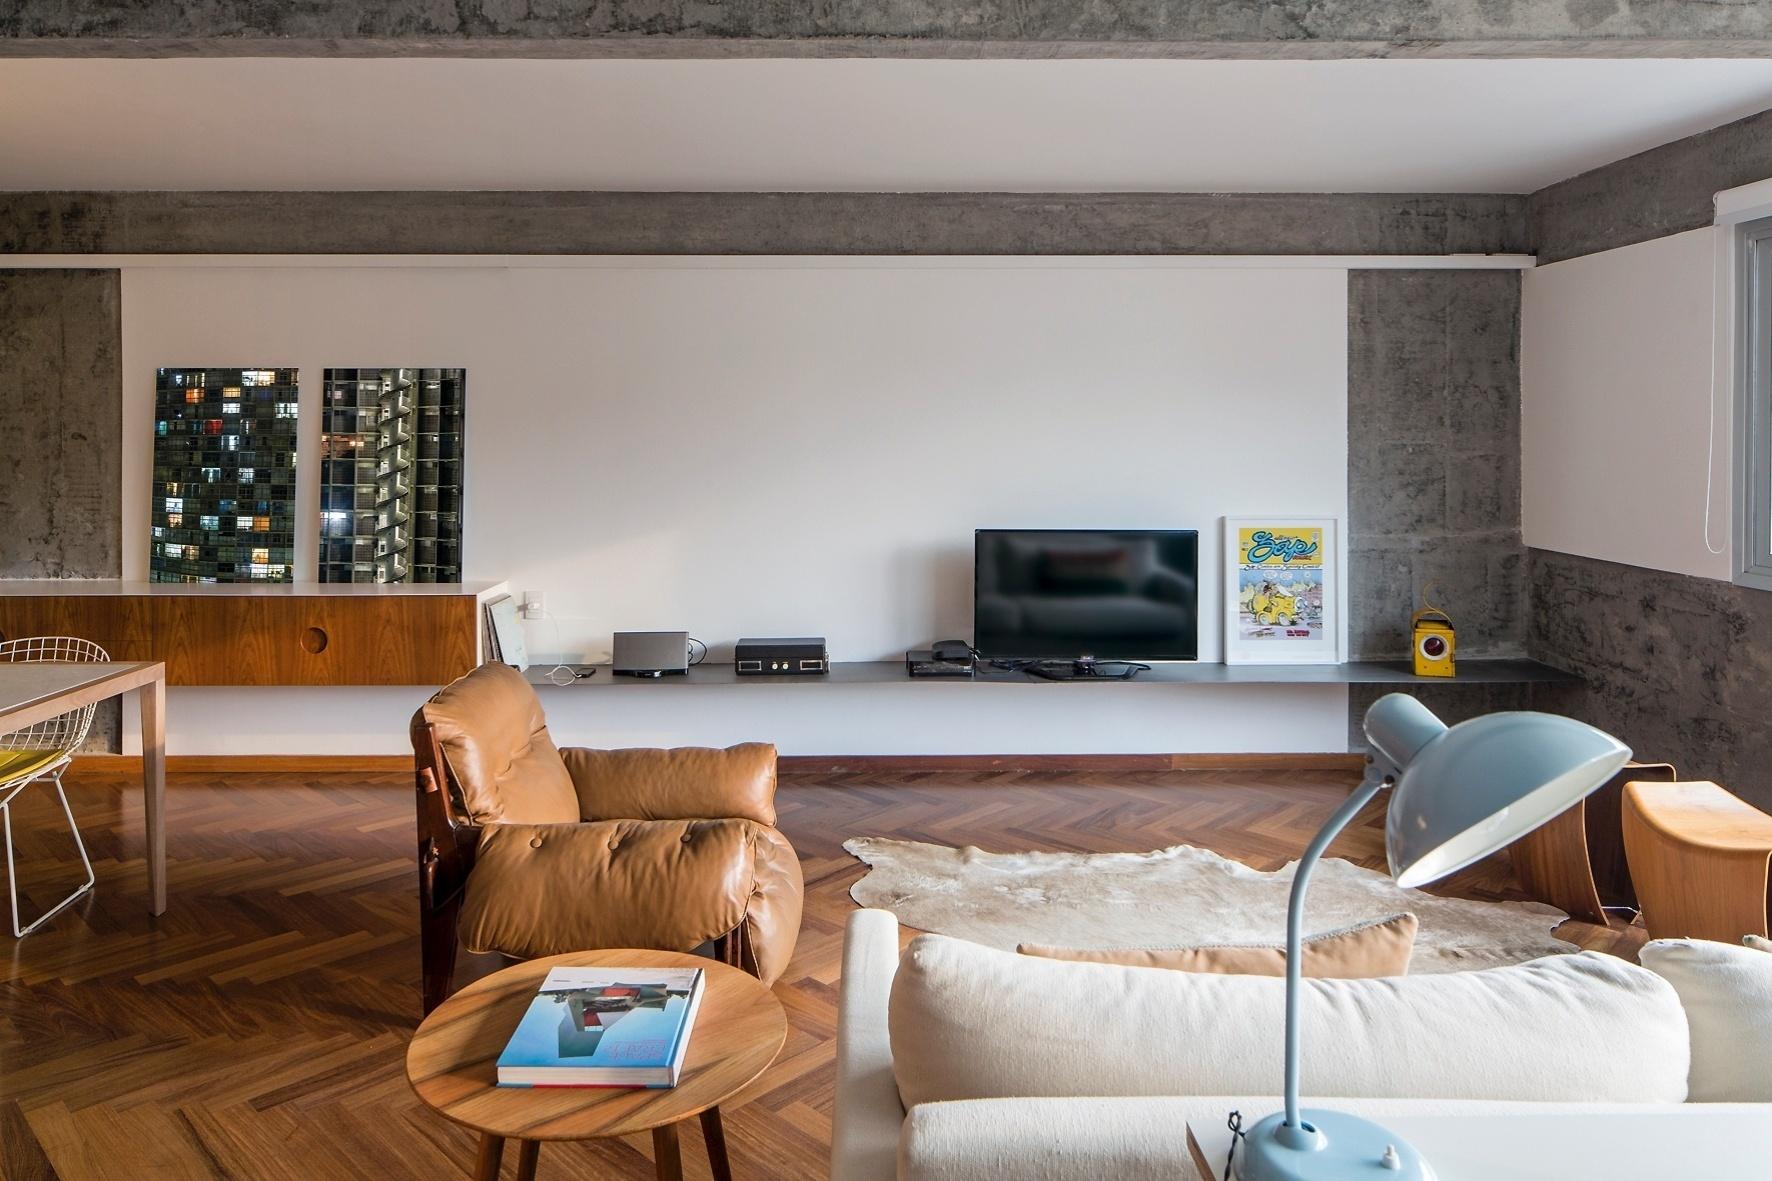 Completamente reformado, o Apartamento FT fica em um edifício construído nos anos 50 e teve o piso renovado com madeira sucupira (ParquetSP). Na parede ao fundo, a chapa de aço-carbono crua, delgada e leve serve de base para a TV e outros equipamentos, dobrando-se à esquerda, onde emoldura o aparador. A ideia dos projetistas do escritório Pascali Semerdjian era encaixar a marcenaria (Marvelar) nos módulos metálicos com acabamento mais leve